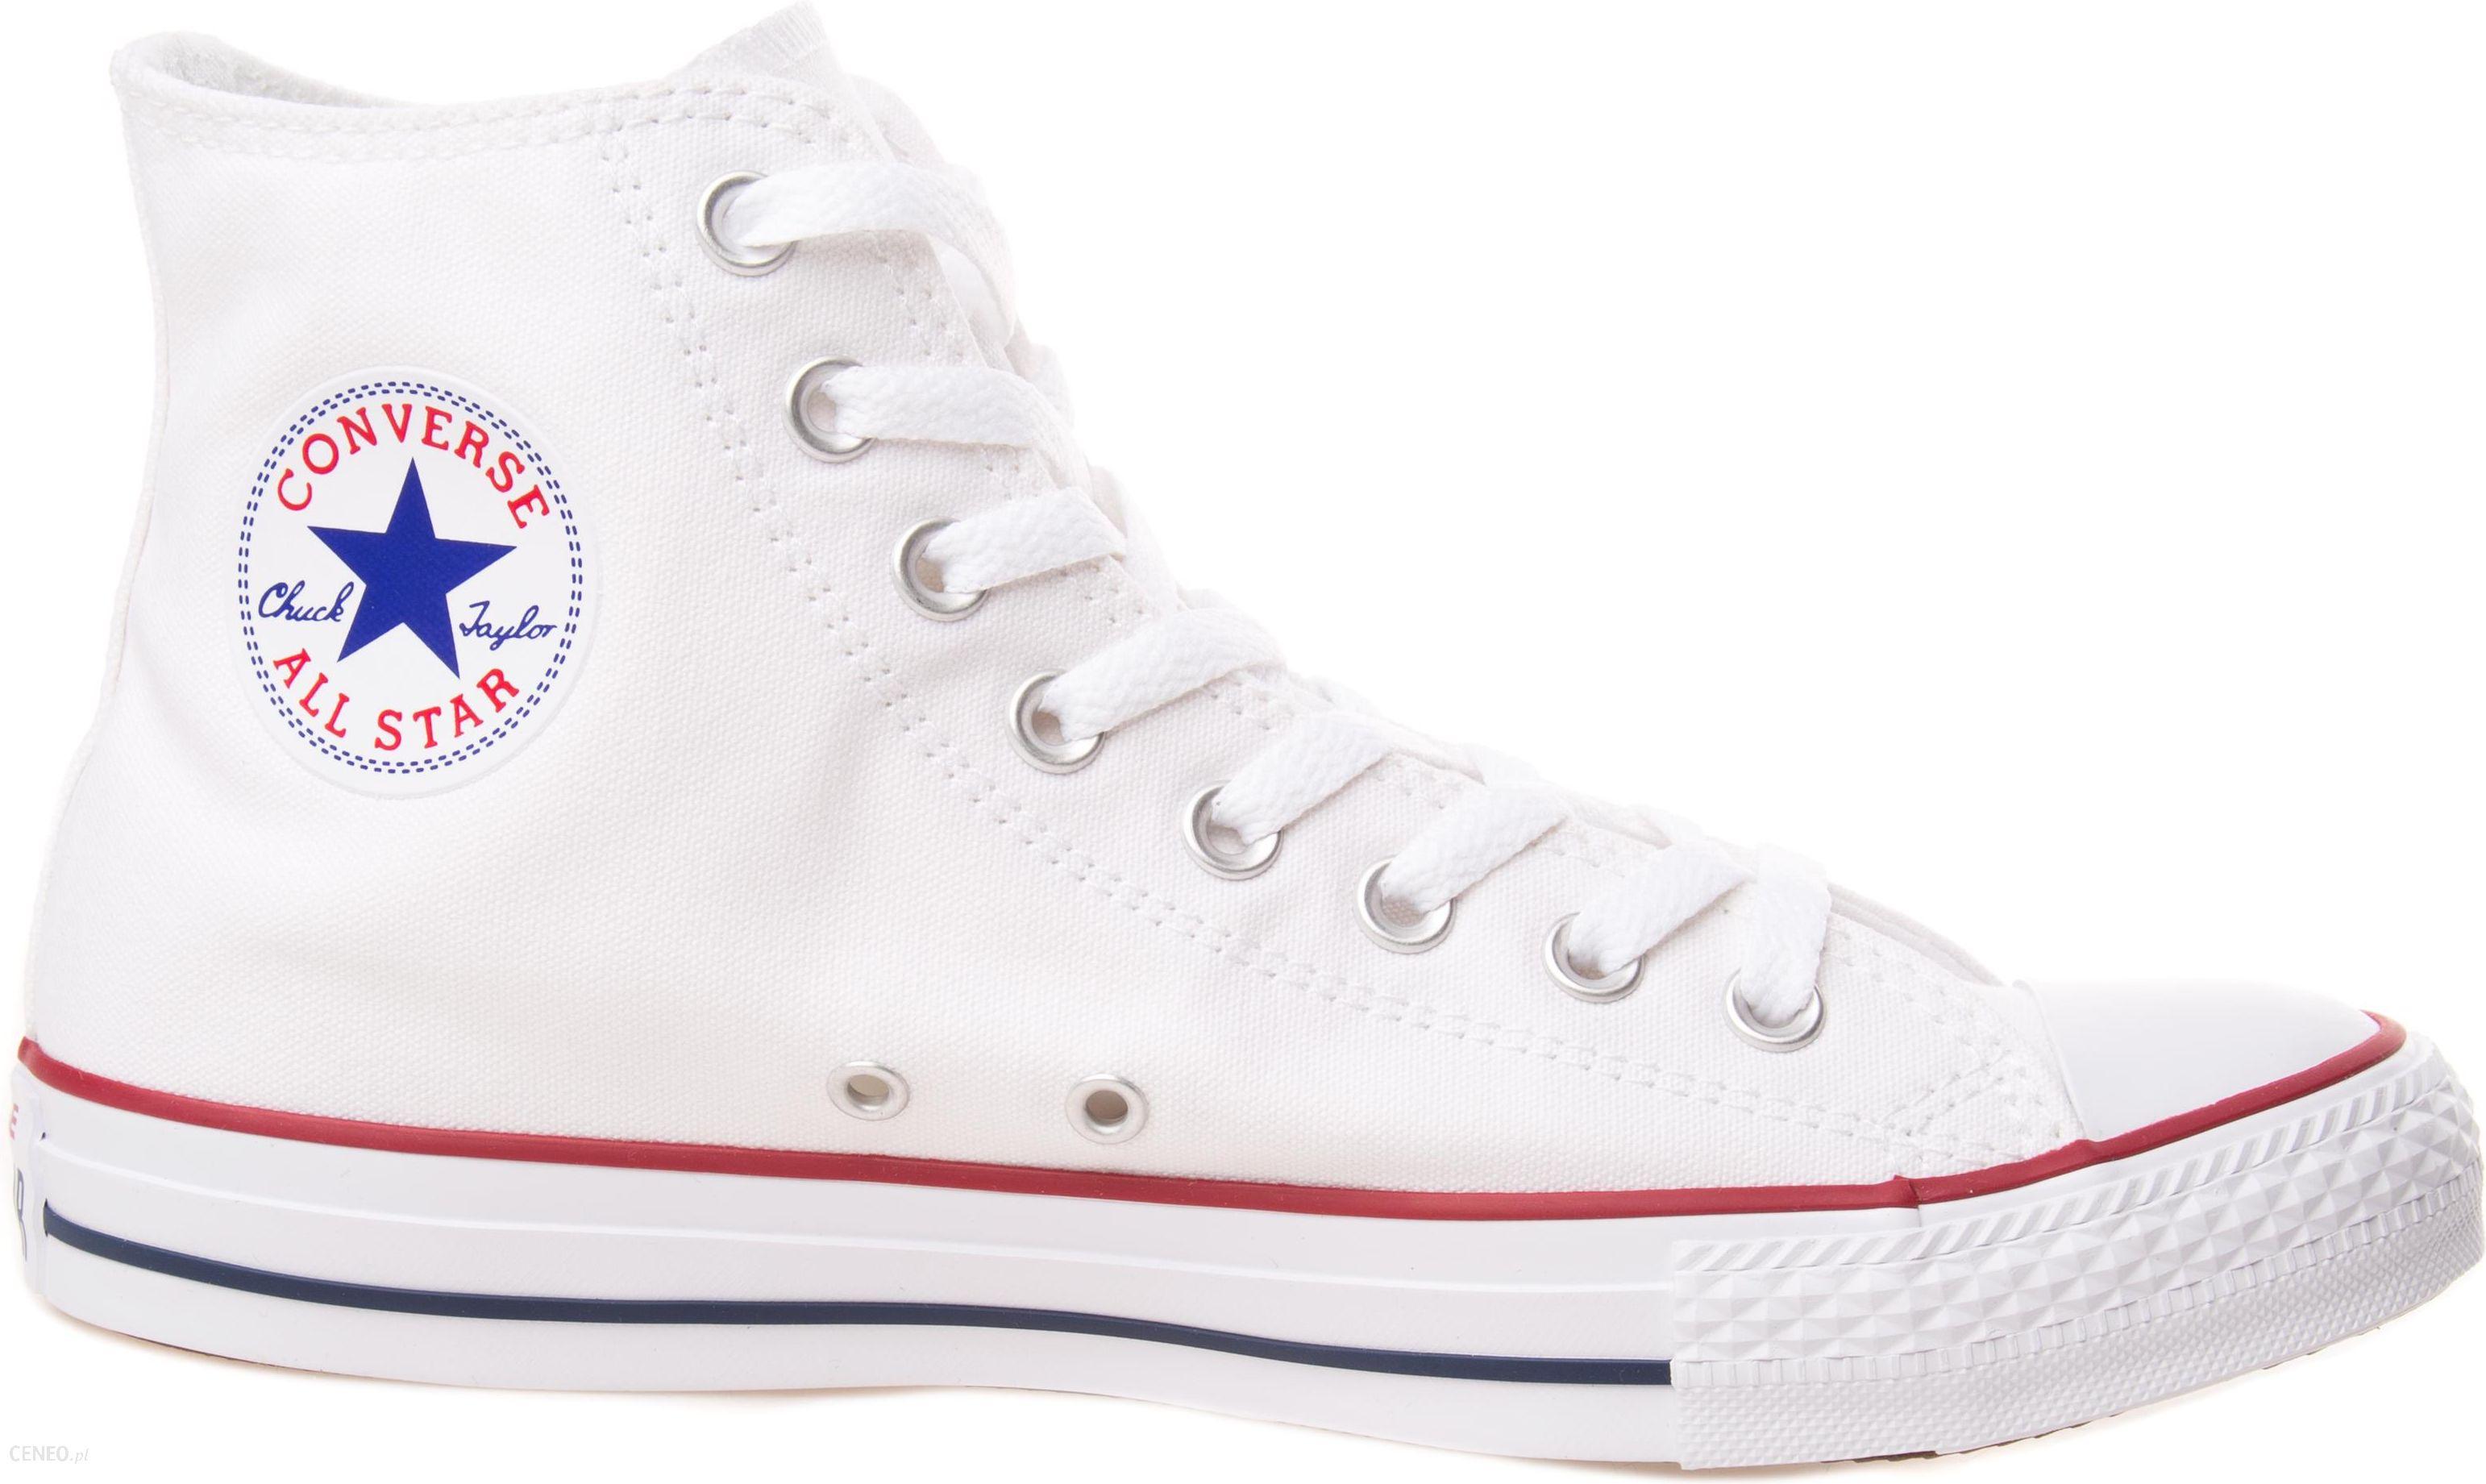 Converse Chuck Taylor All Star Hi Tenisówki Biały 37